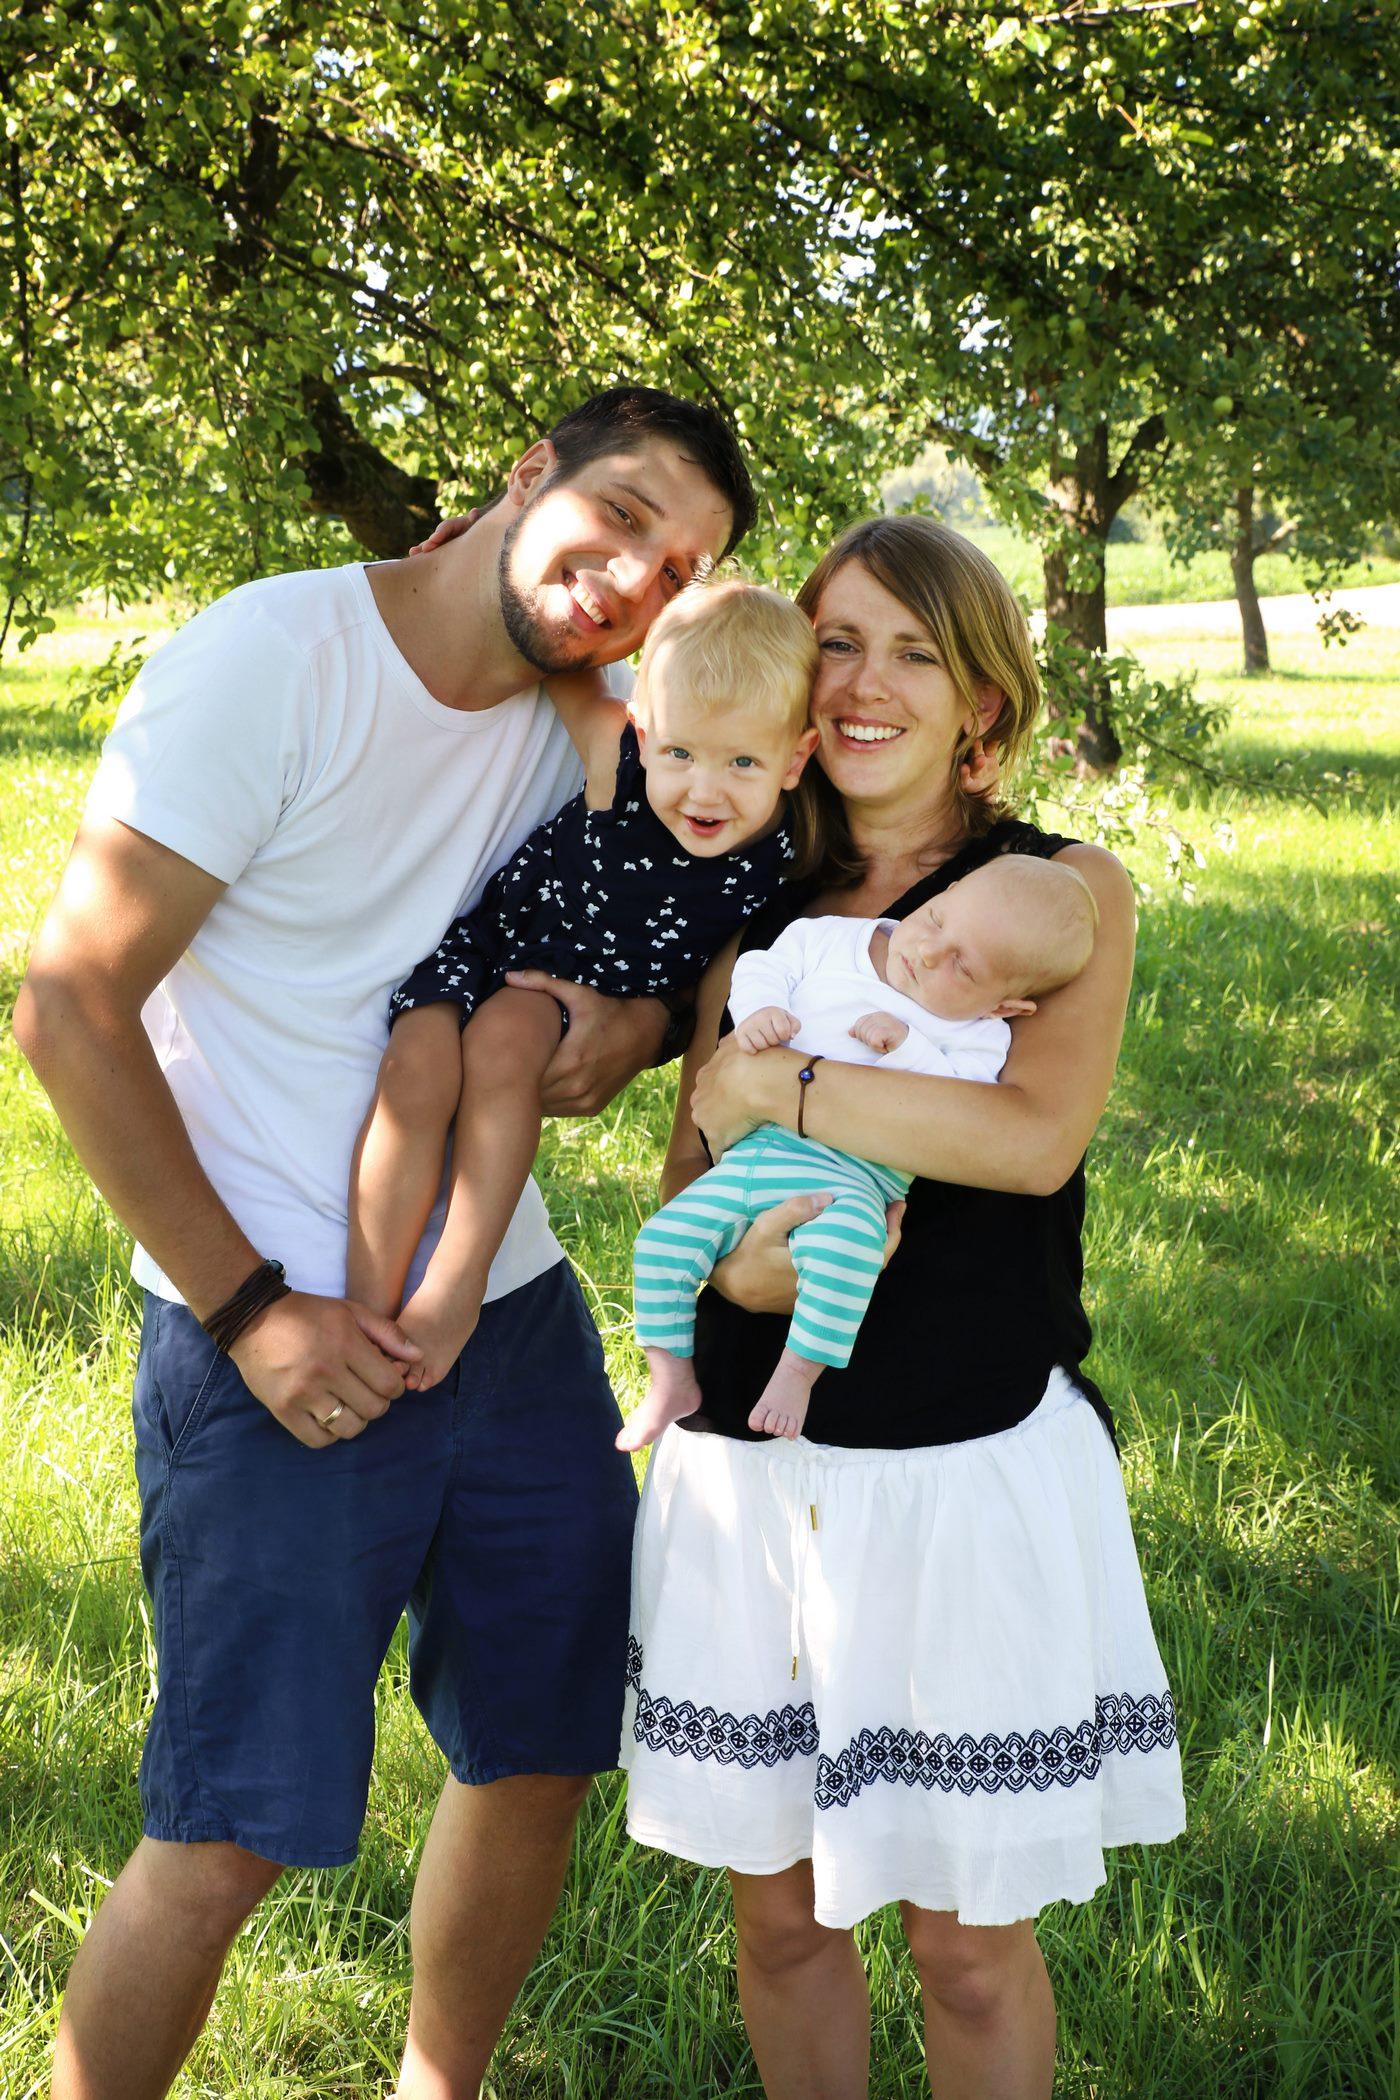 Glückliche Familie beim Familienshooting unter Obstbäumen